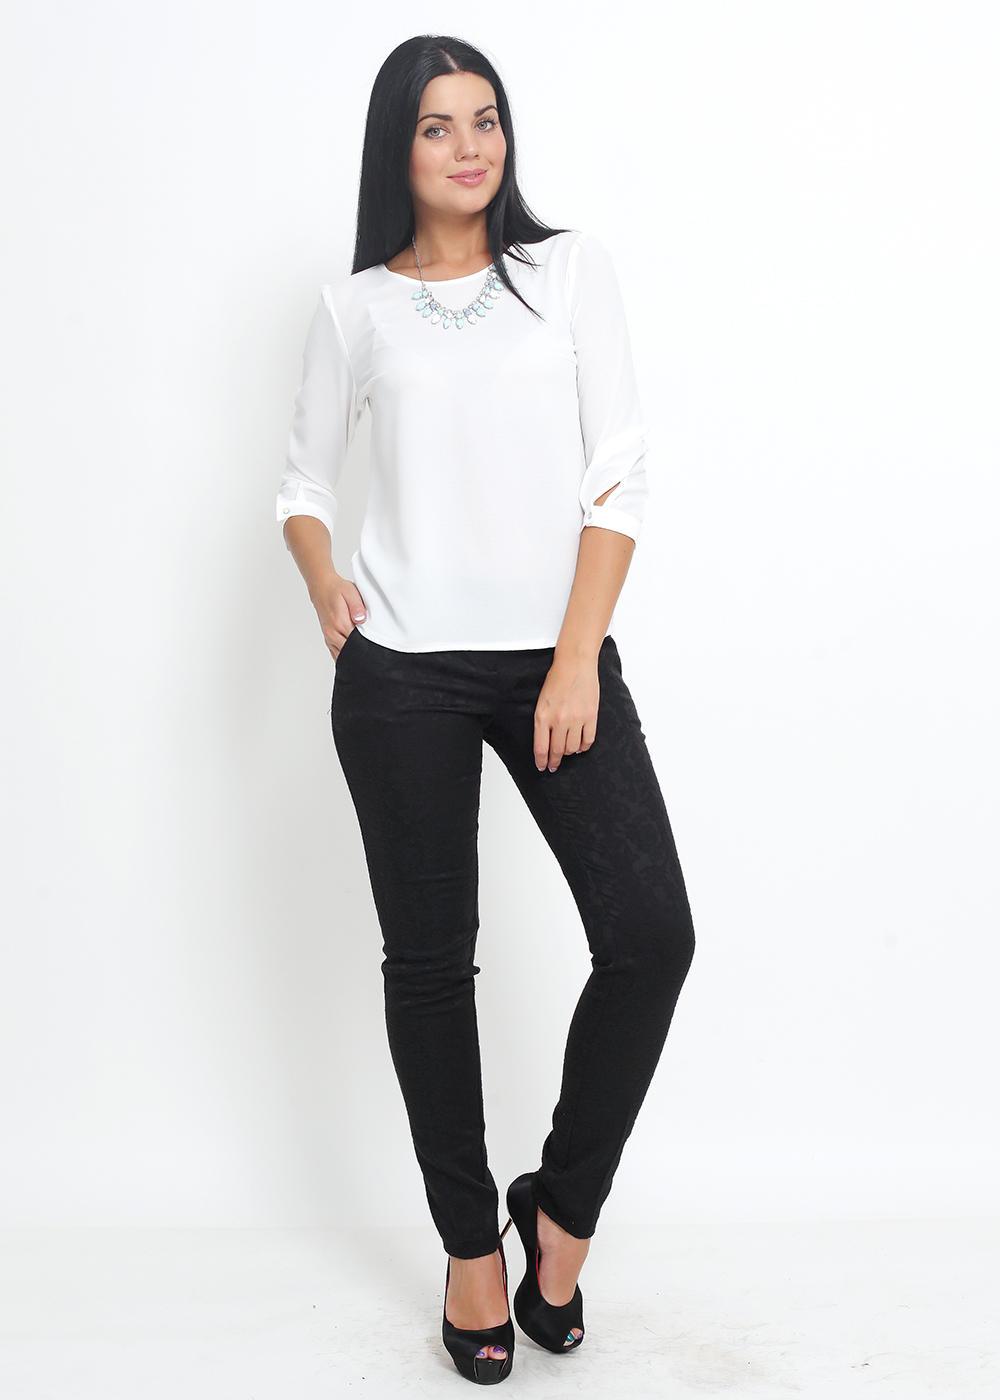 Как выглядеть стильно и солидно одновременно  женская одежда для офиса 0d9c2d20522